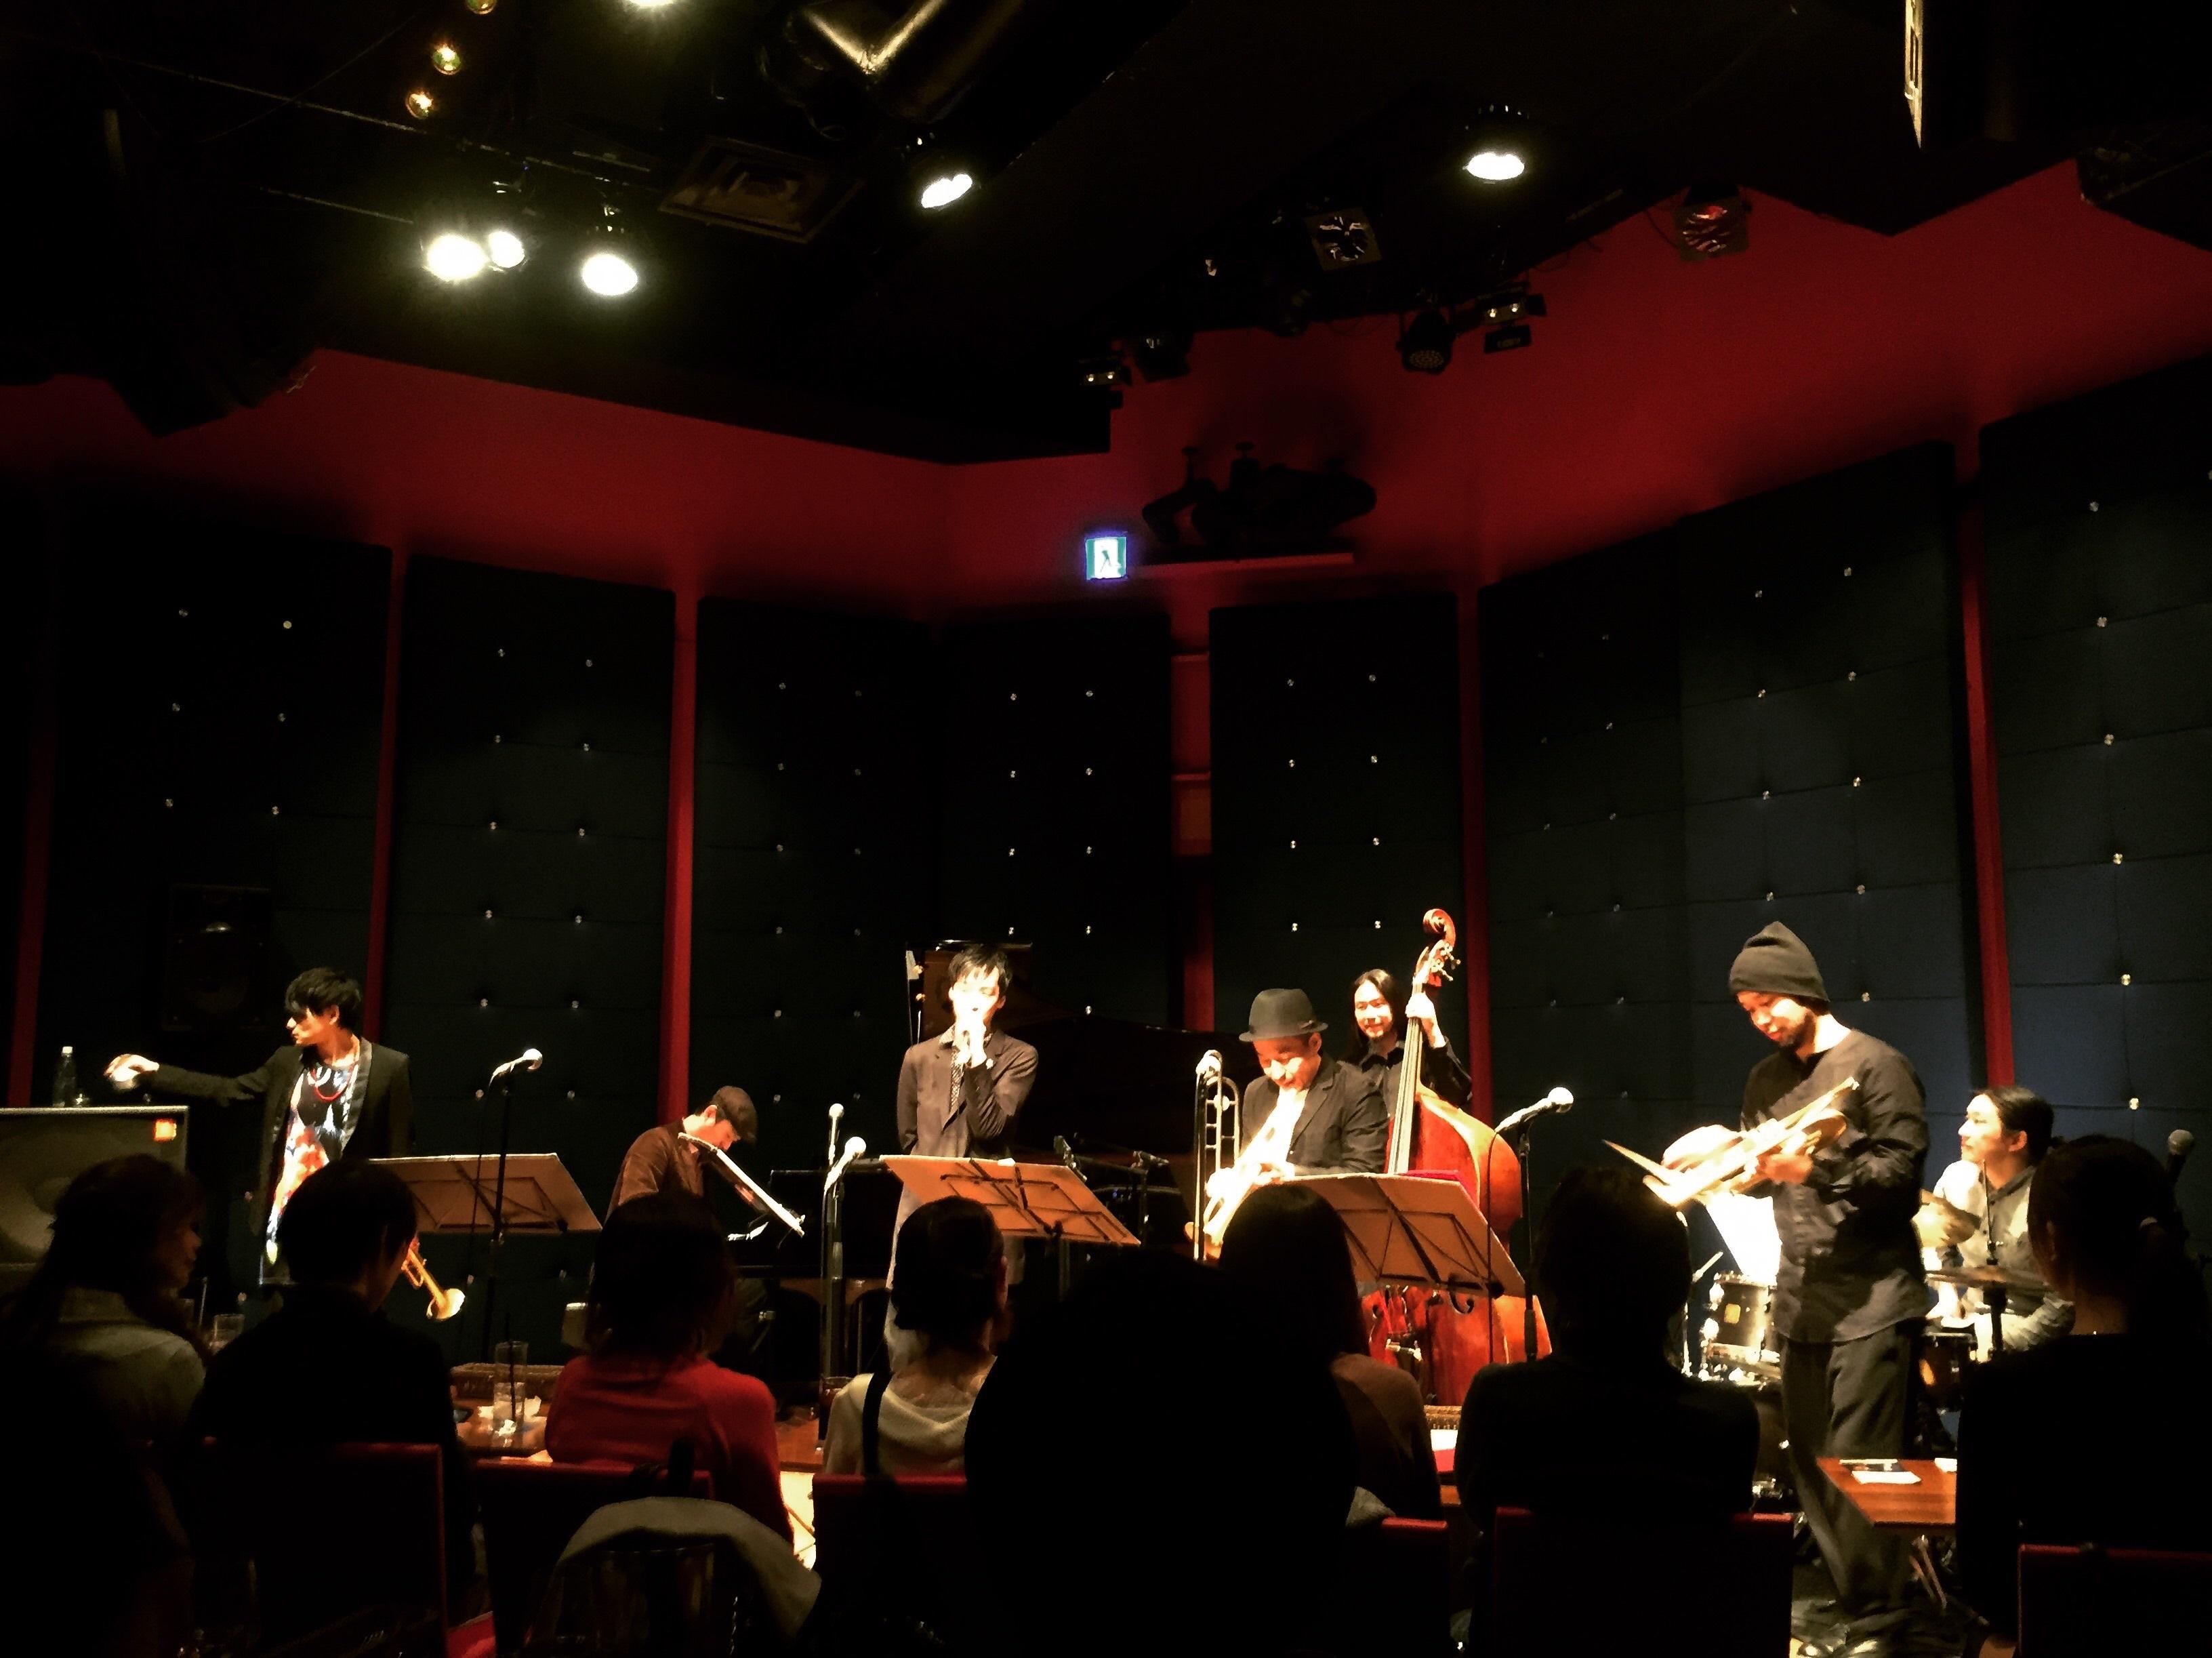 トランペットの祭典「リップサービス」は2/27名古屋・2/28大阪も続きます!